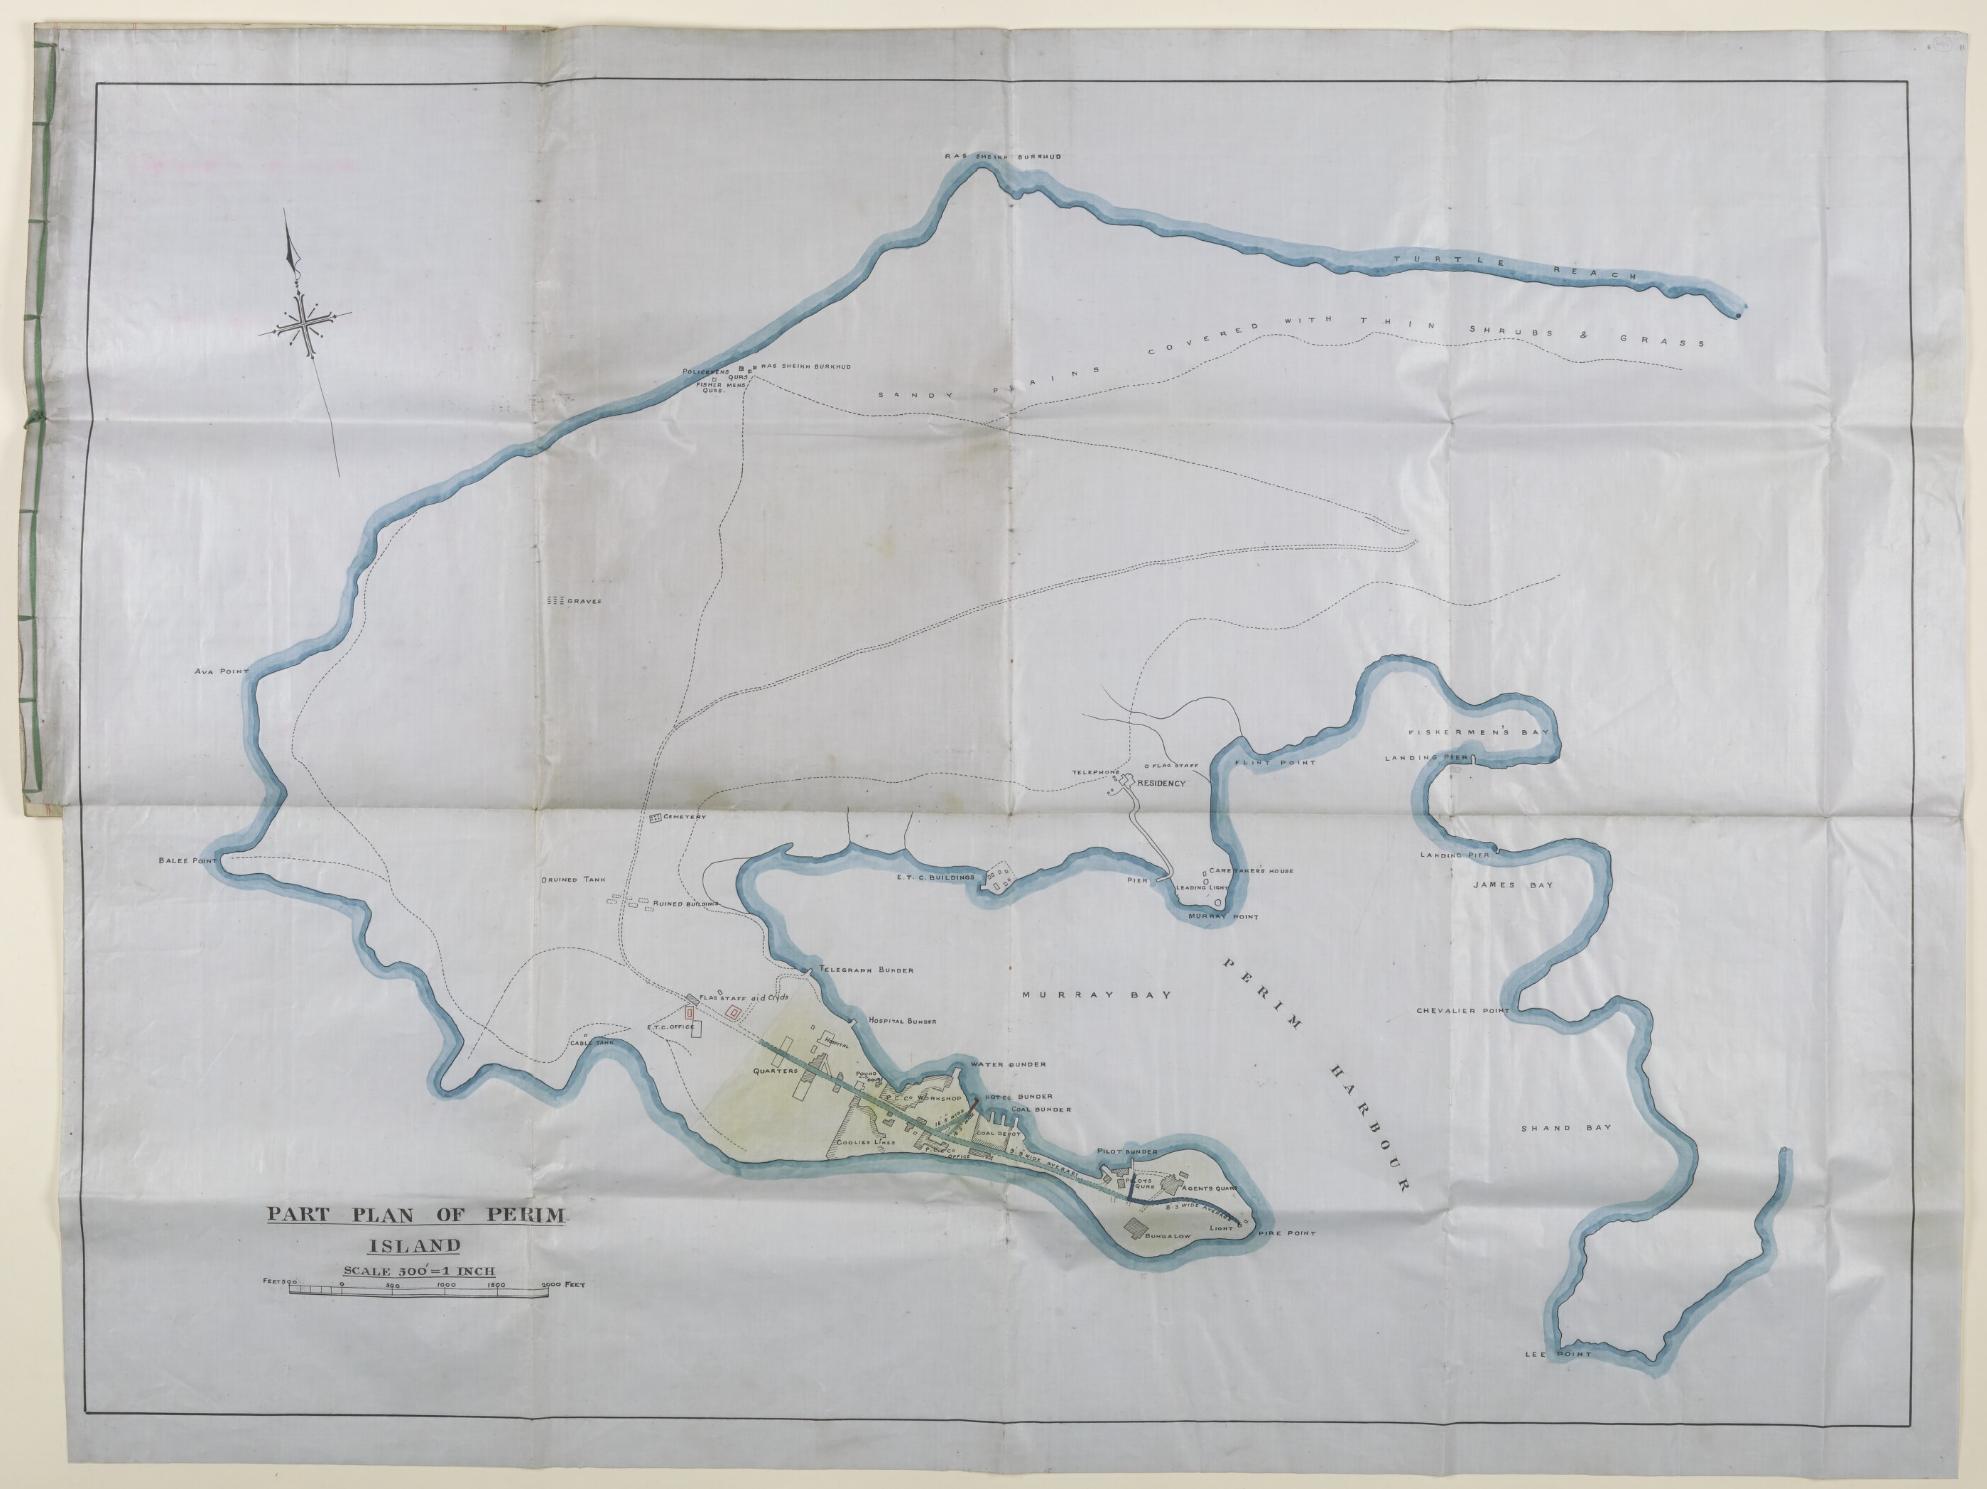 Perim map 1928